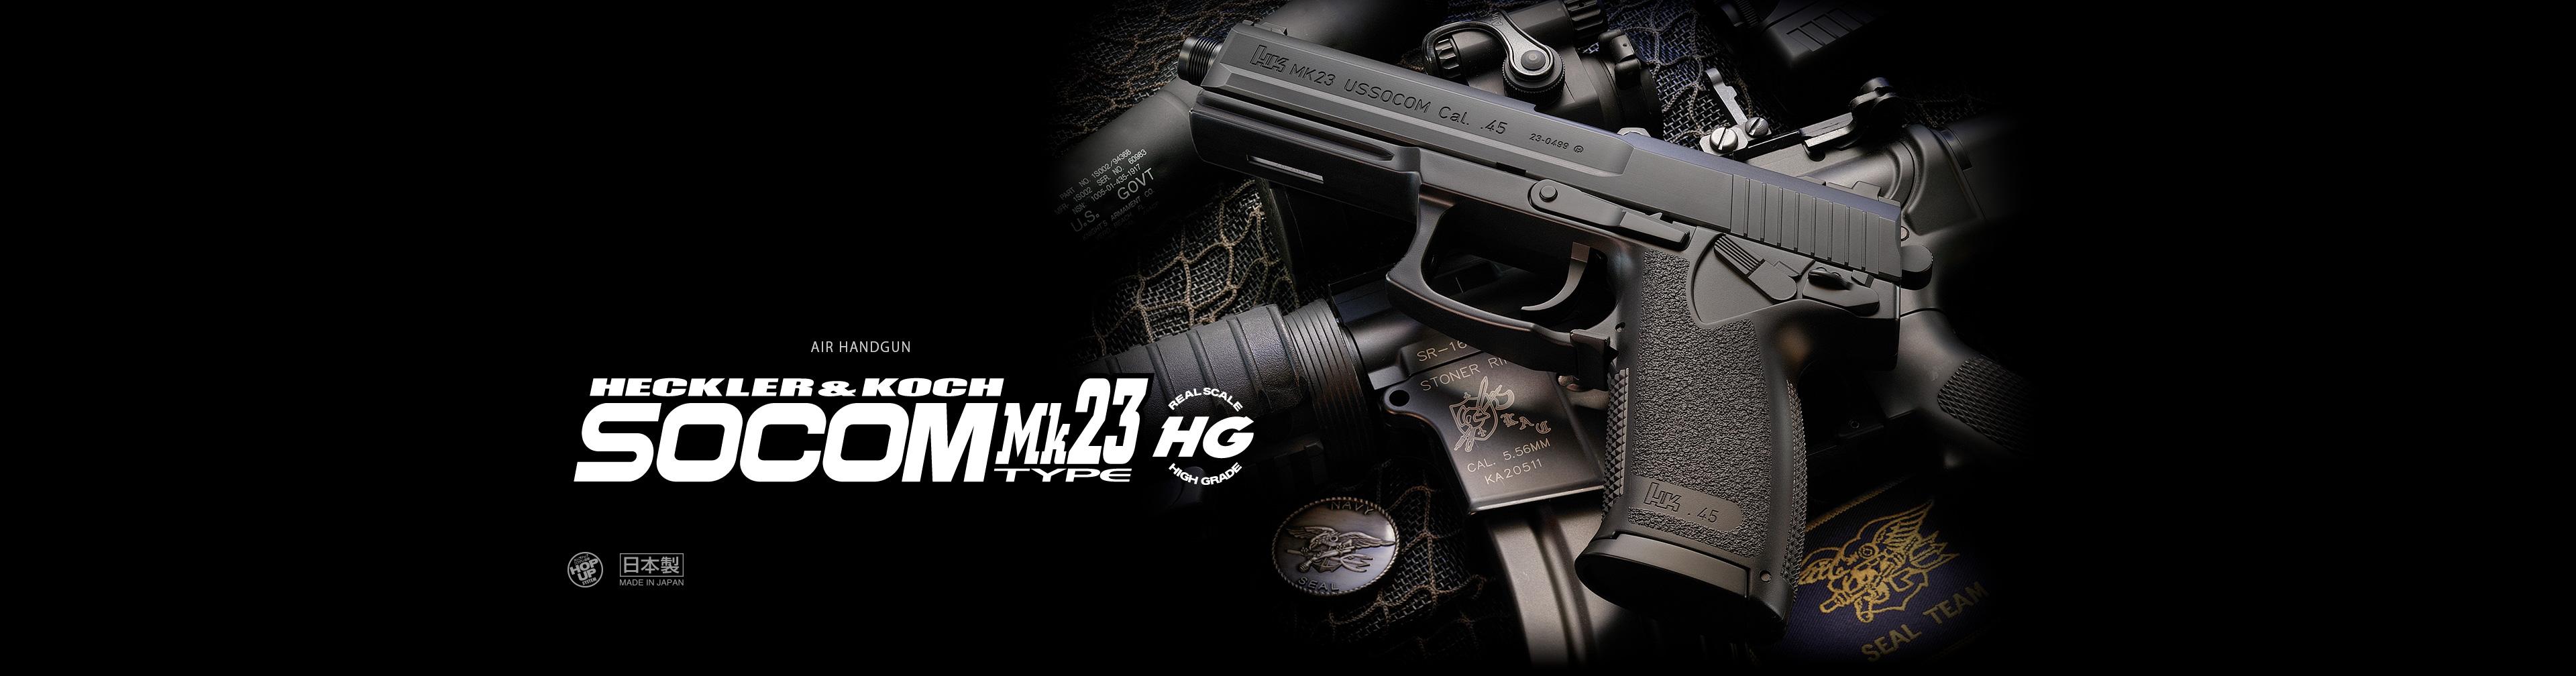 ソーコム Mk23【ハイグレード/ホップアップ】